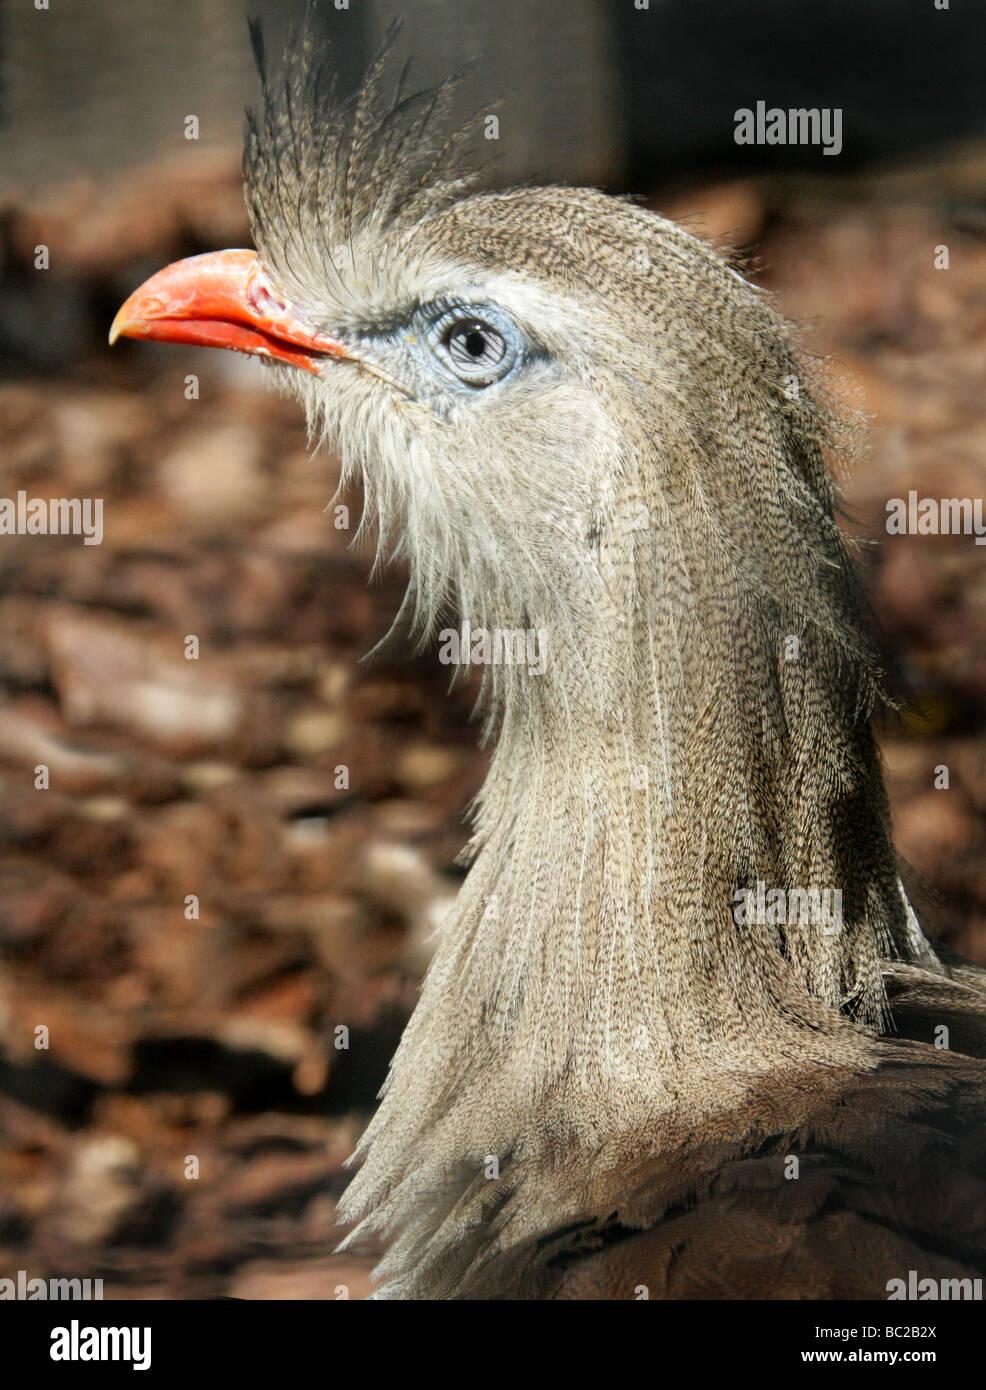 Red-legged Seriema or Crested Cariama, Cariama cristata, Cariamidae. South American Bird. - Stock Image